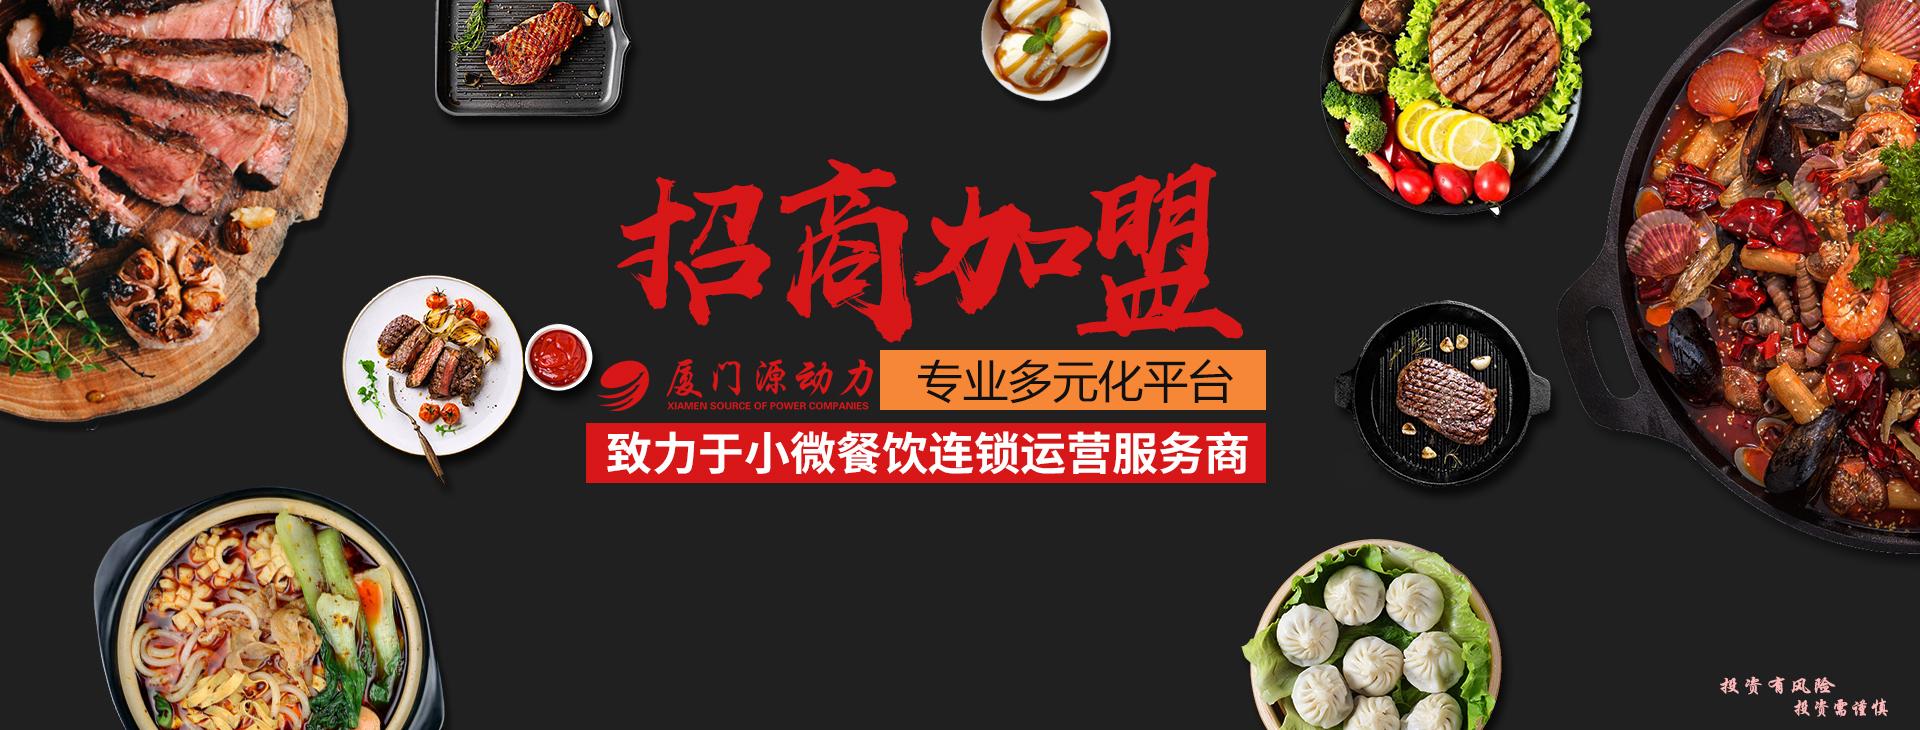 厦门源动力餐饮管理有限公司